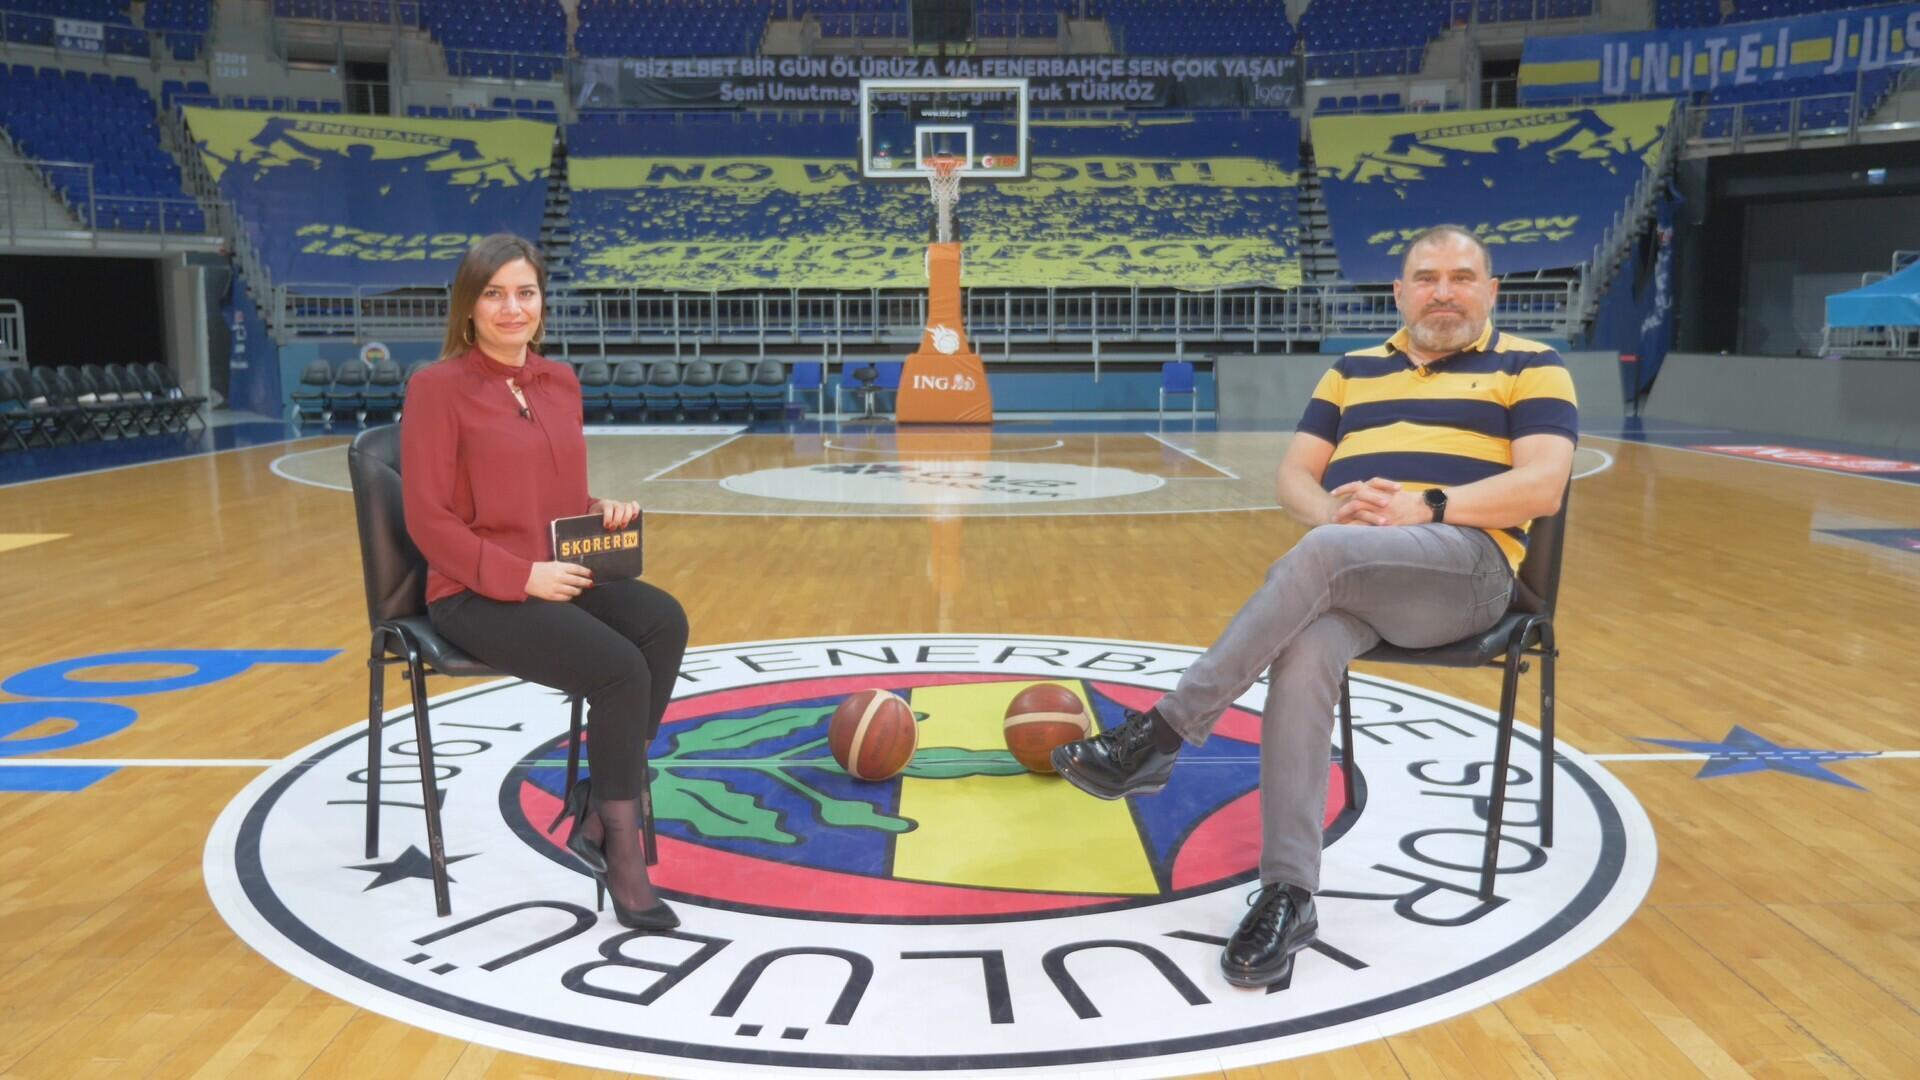 Sertac komsuoülu FBTV